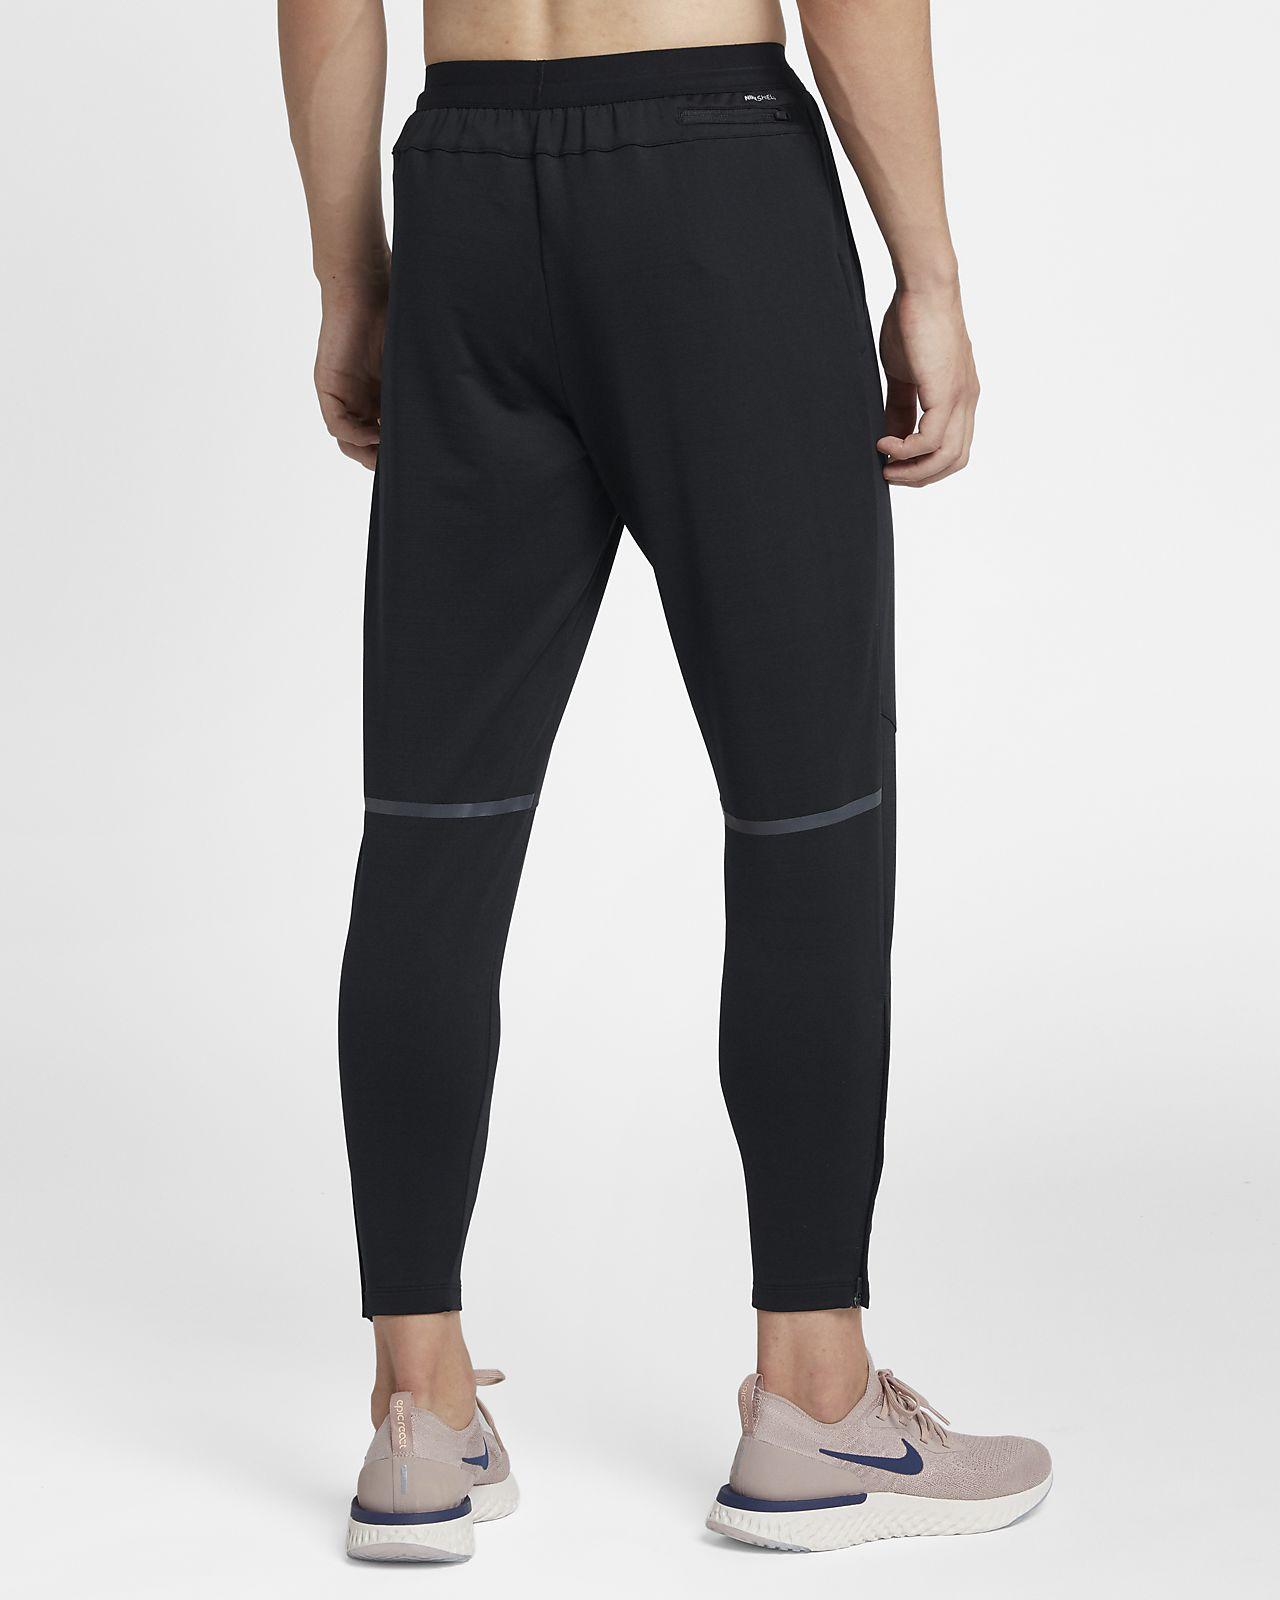 Ανδρικό παντελόνι για τρέξιμο Nike Shield Phenom